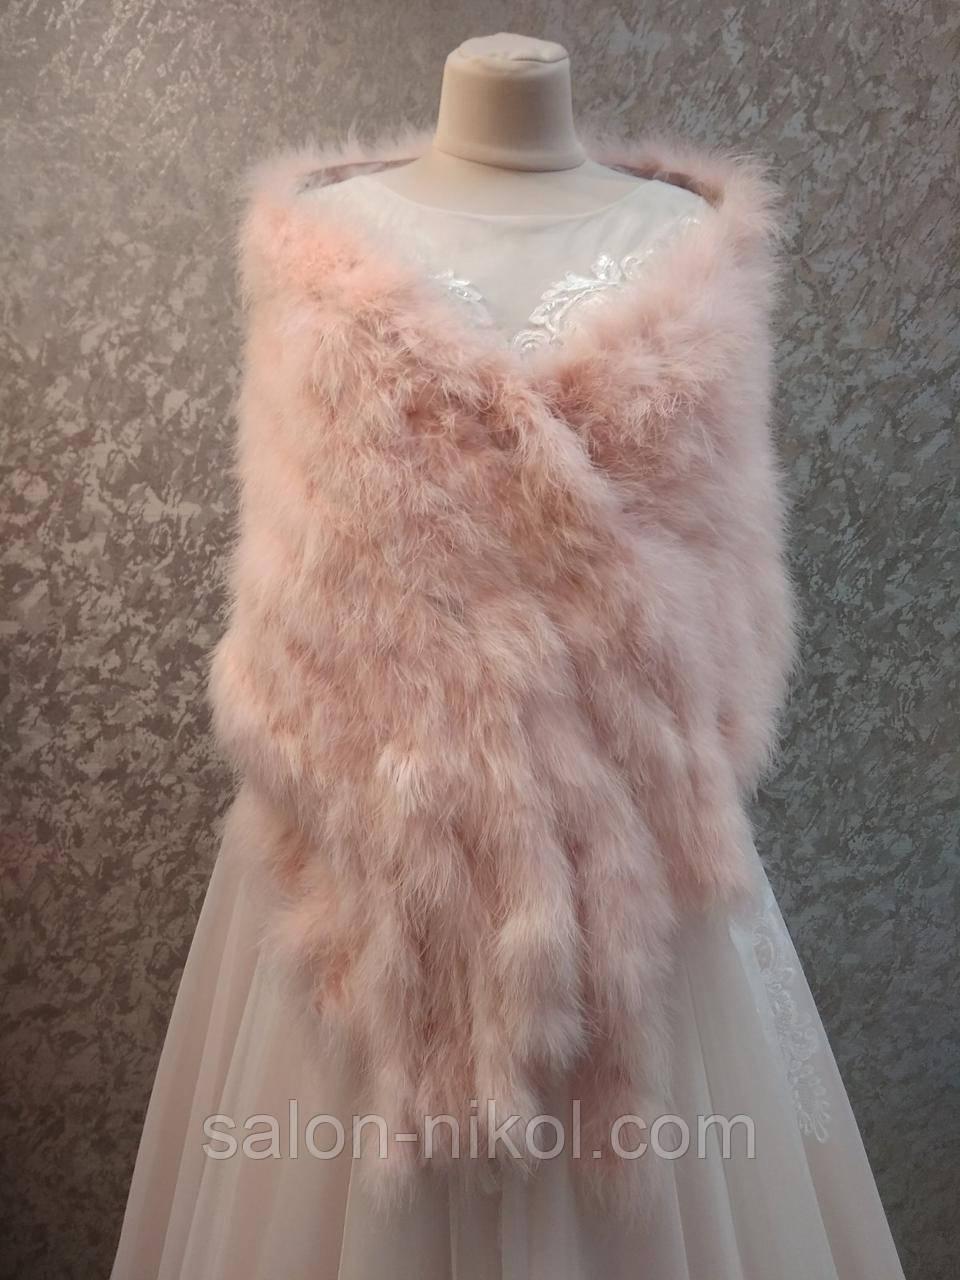 Свадебный палантин лебединый пух розовый  № 2001. Накидка для невесты цвет розовый